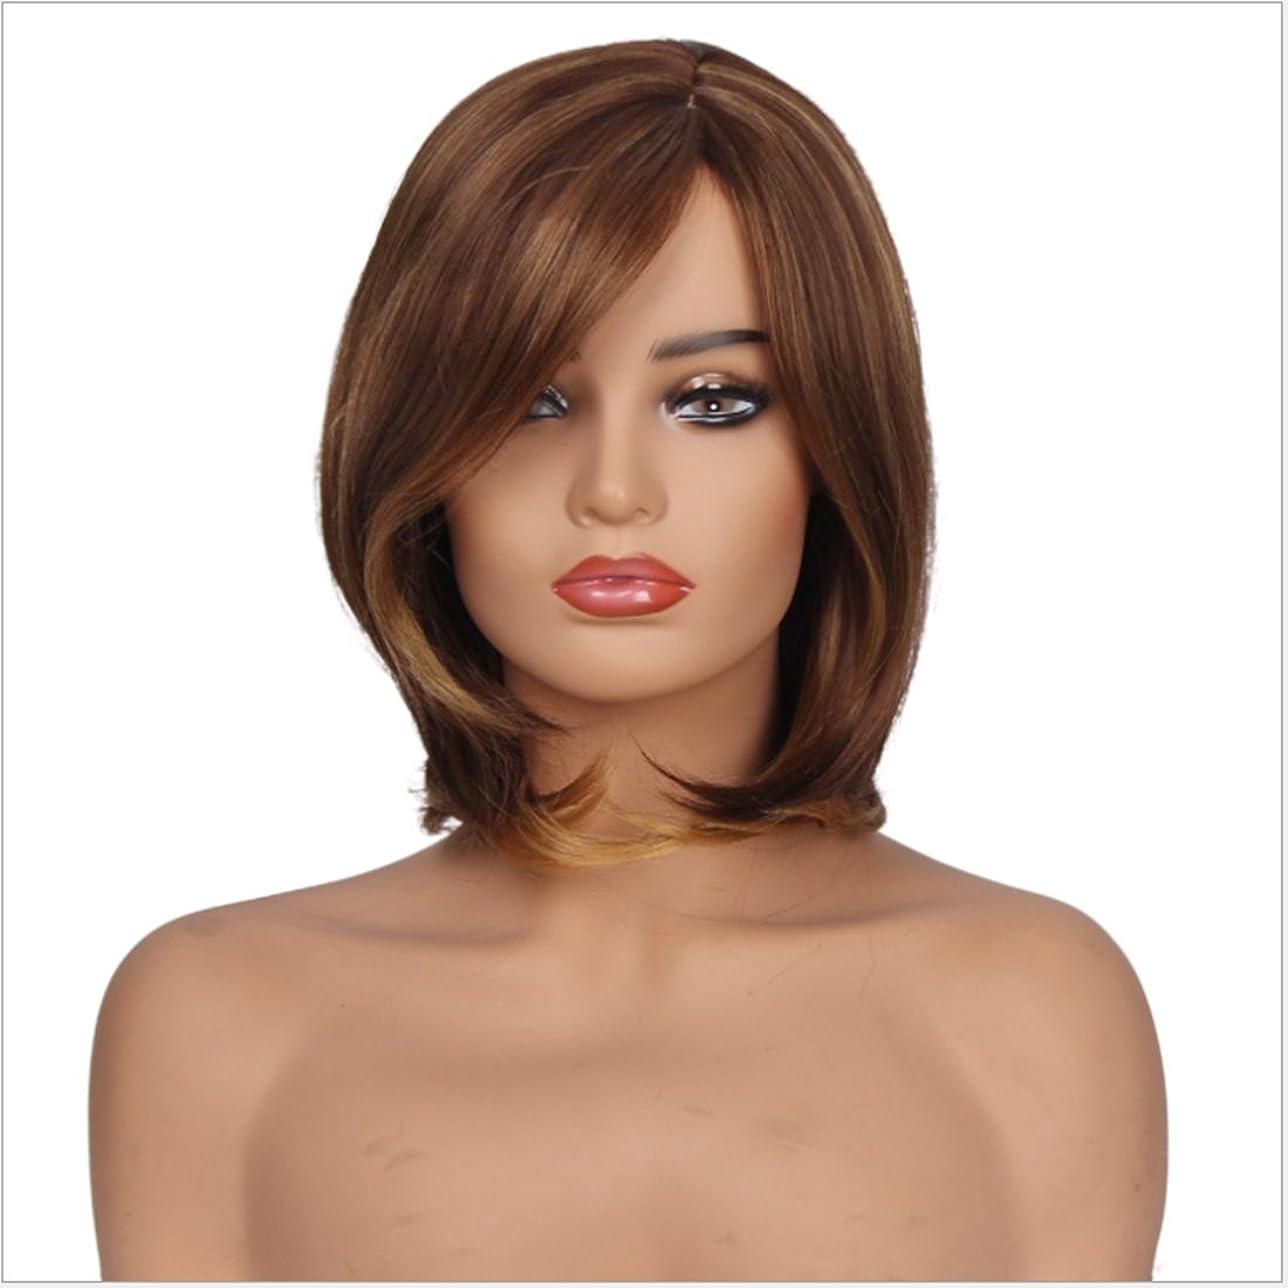 全体ストライドトレイルJIANFU 女性のためのブラウンの黒のかつら内部のバックルの短いウィッグは、斜めのつま先で14inchの長さのための髪の耐熱性のウィッグ (Color : Brownish black)